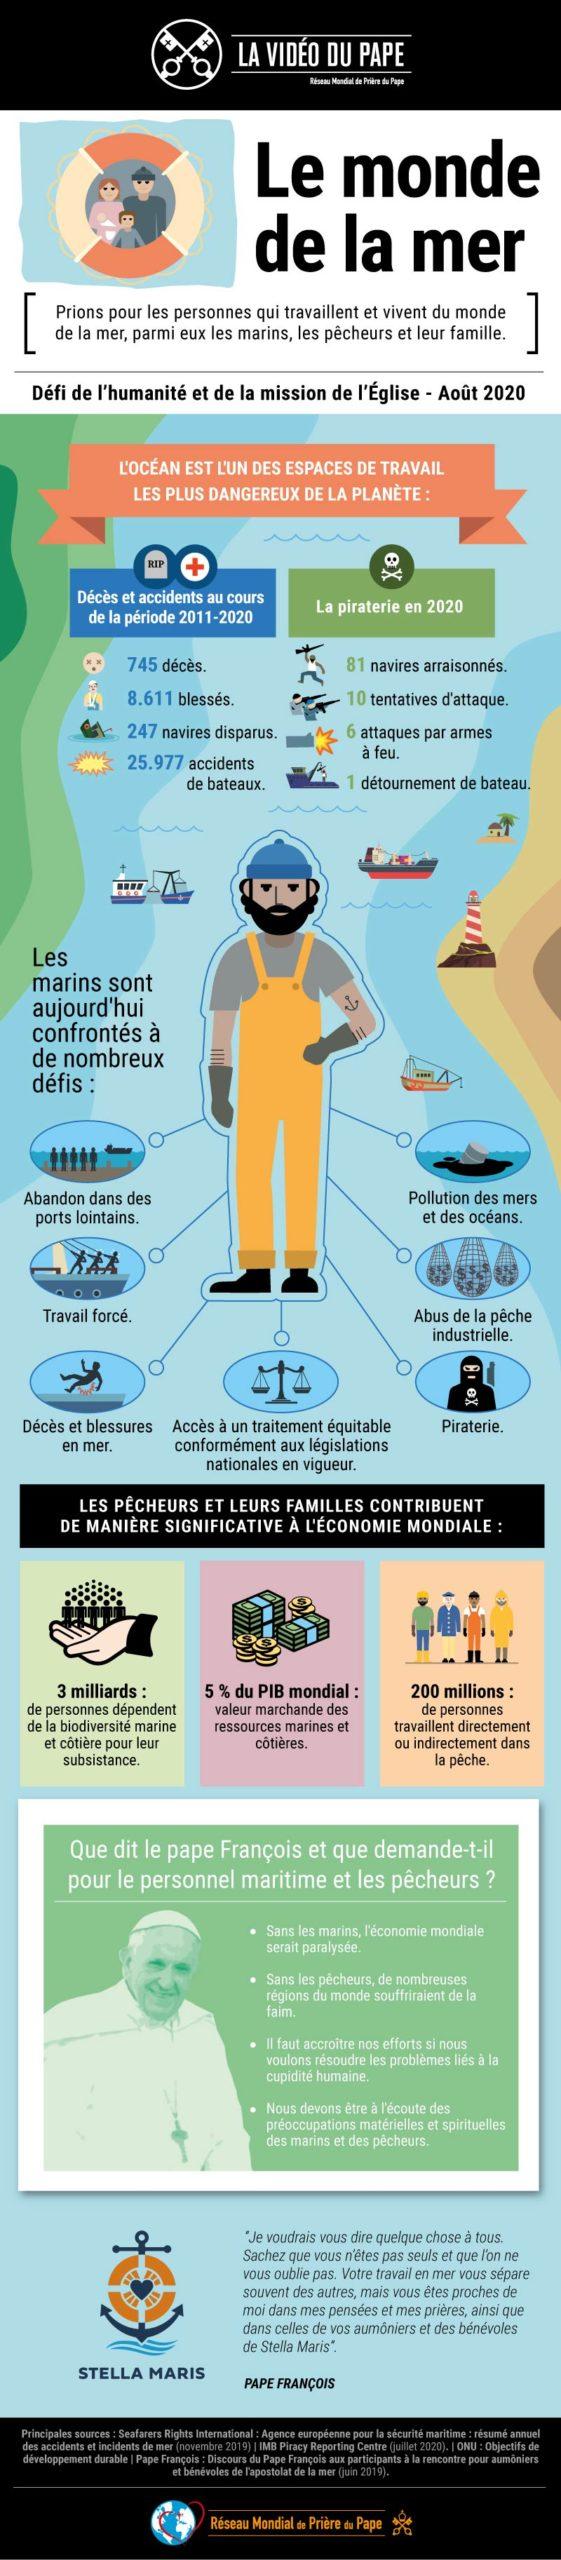 Infografia - TPV 8 2020 FR - La Vidéo du Pape - Le monde de la mer